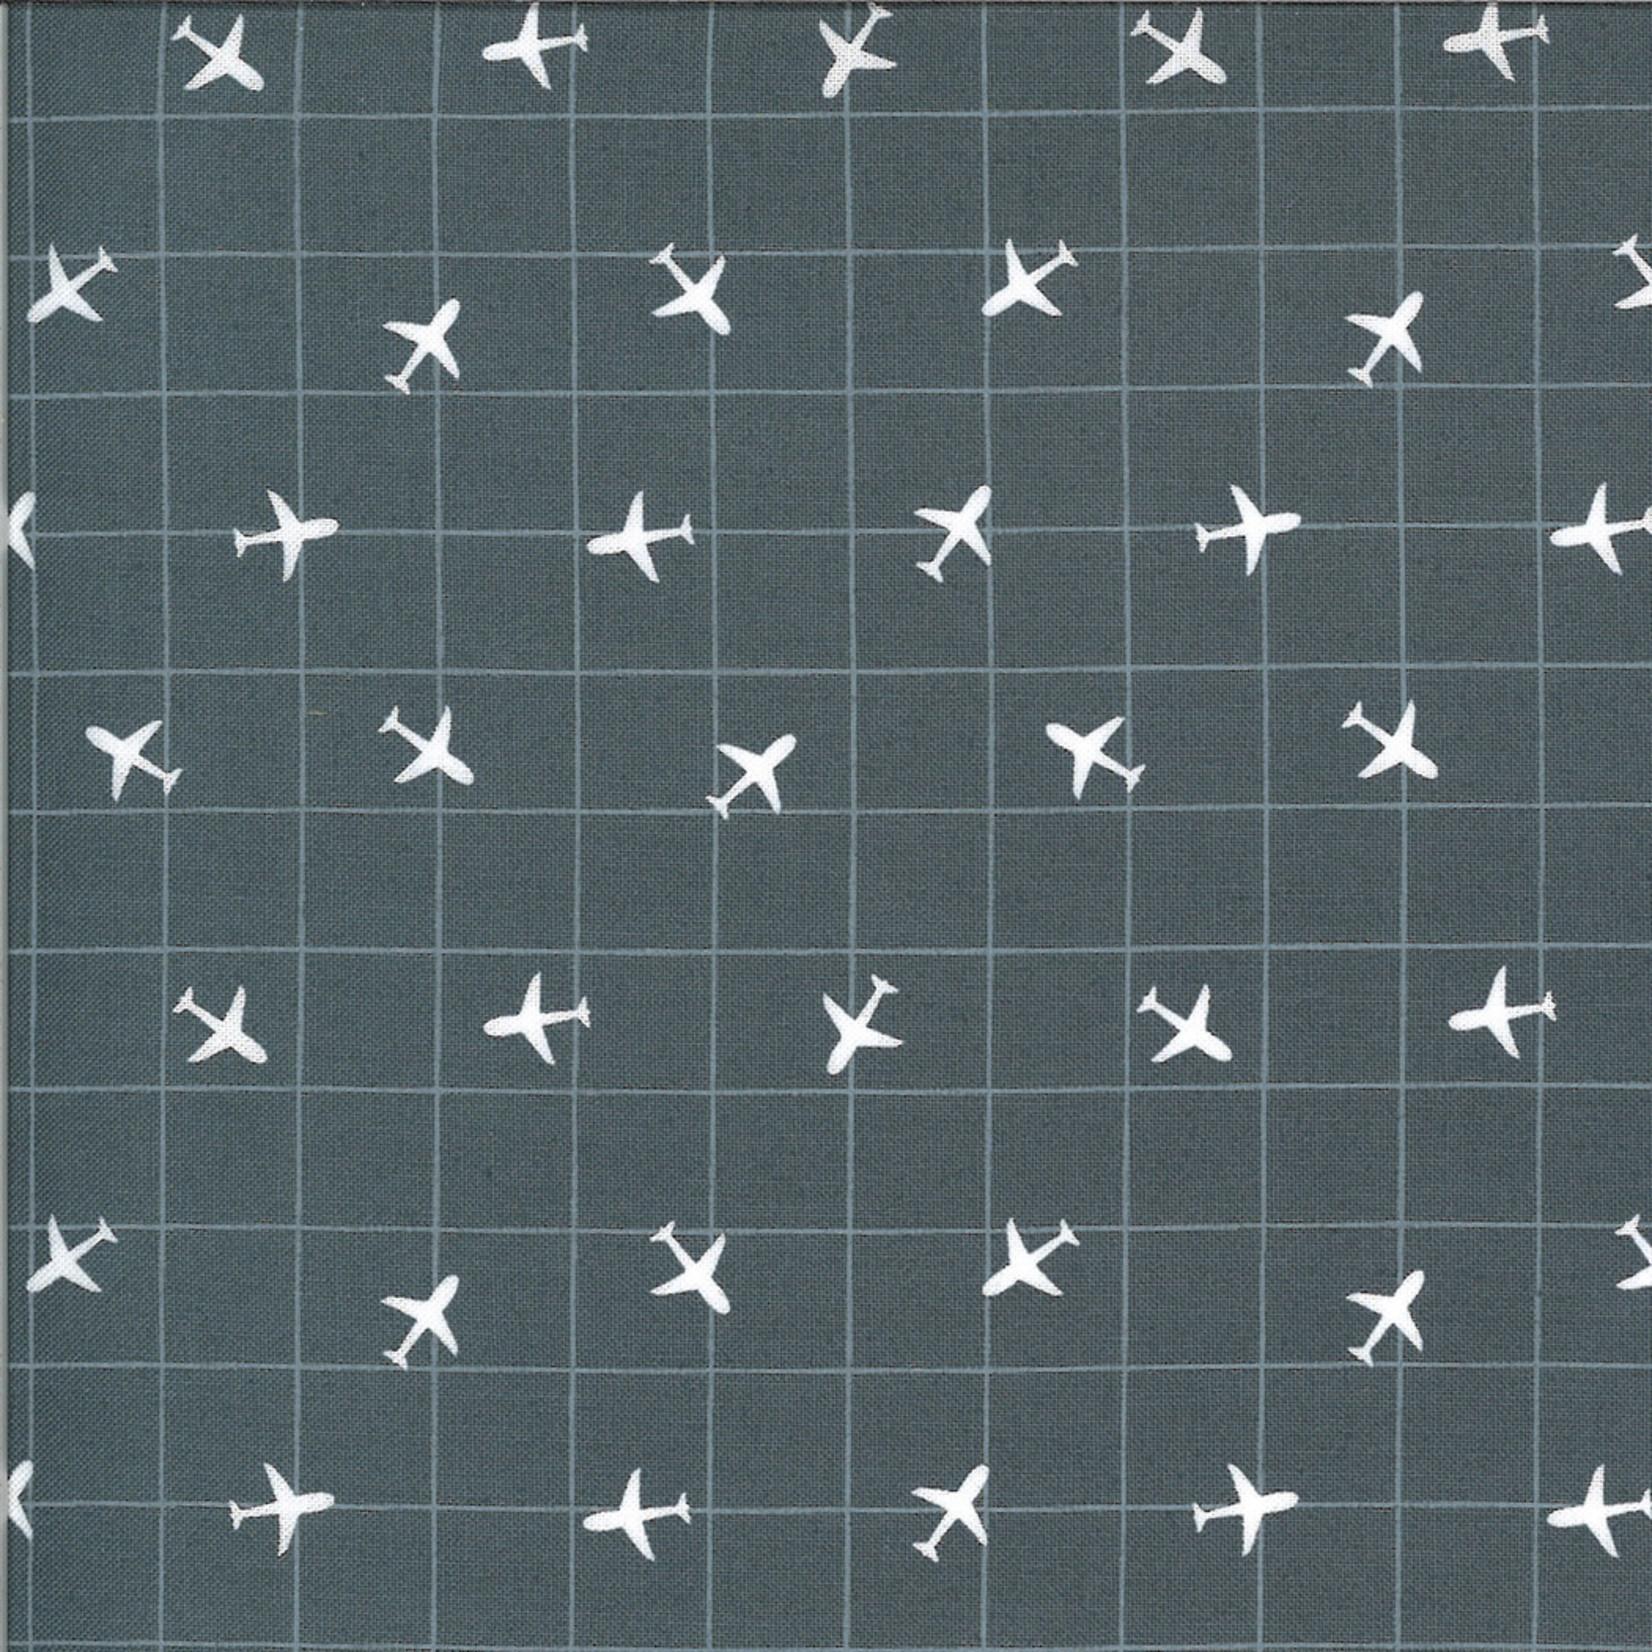 On The Go, Airplane Grid, Asphalt Dark Grey (20726 18) $0.20 per cm or $20/m